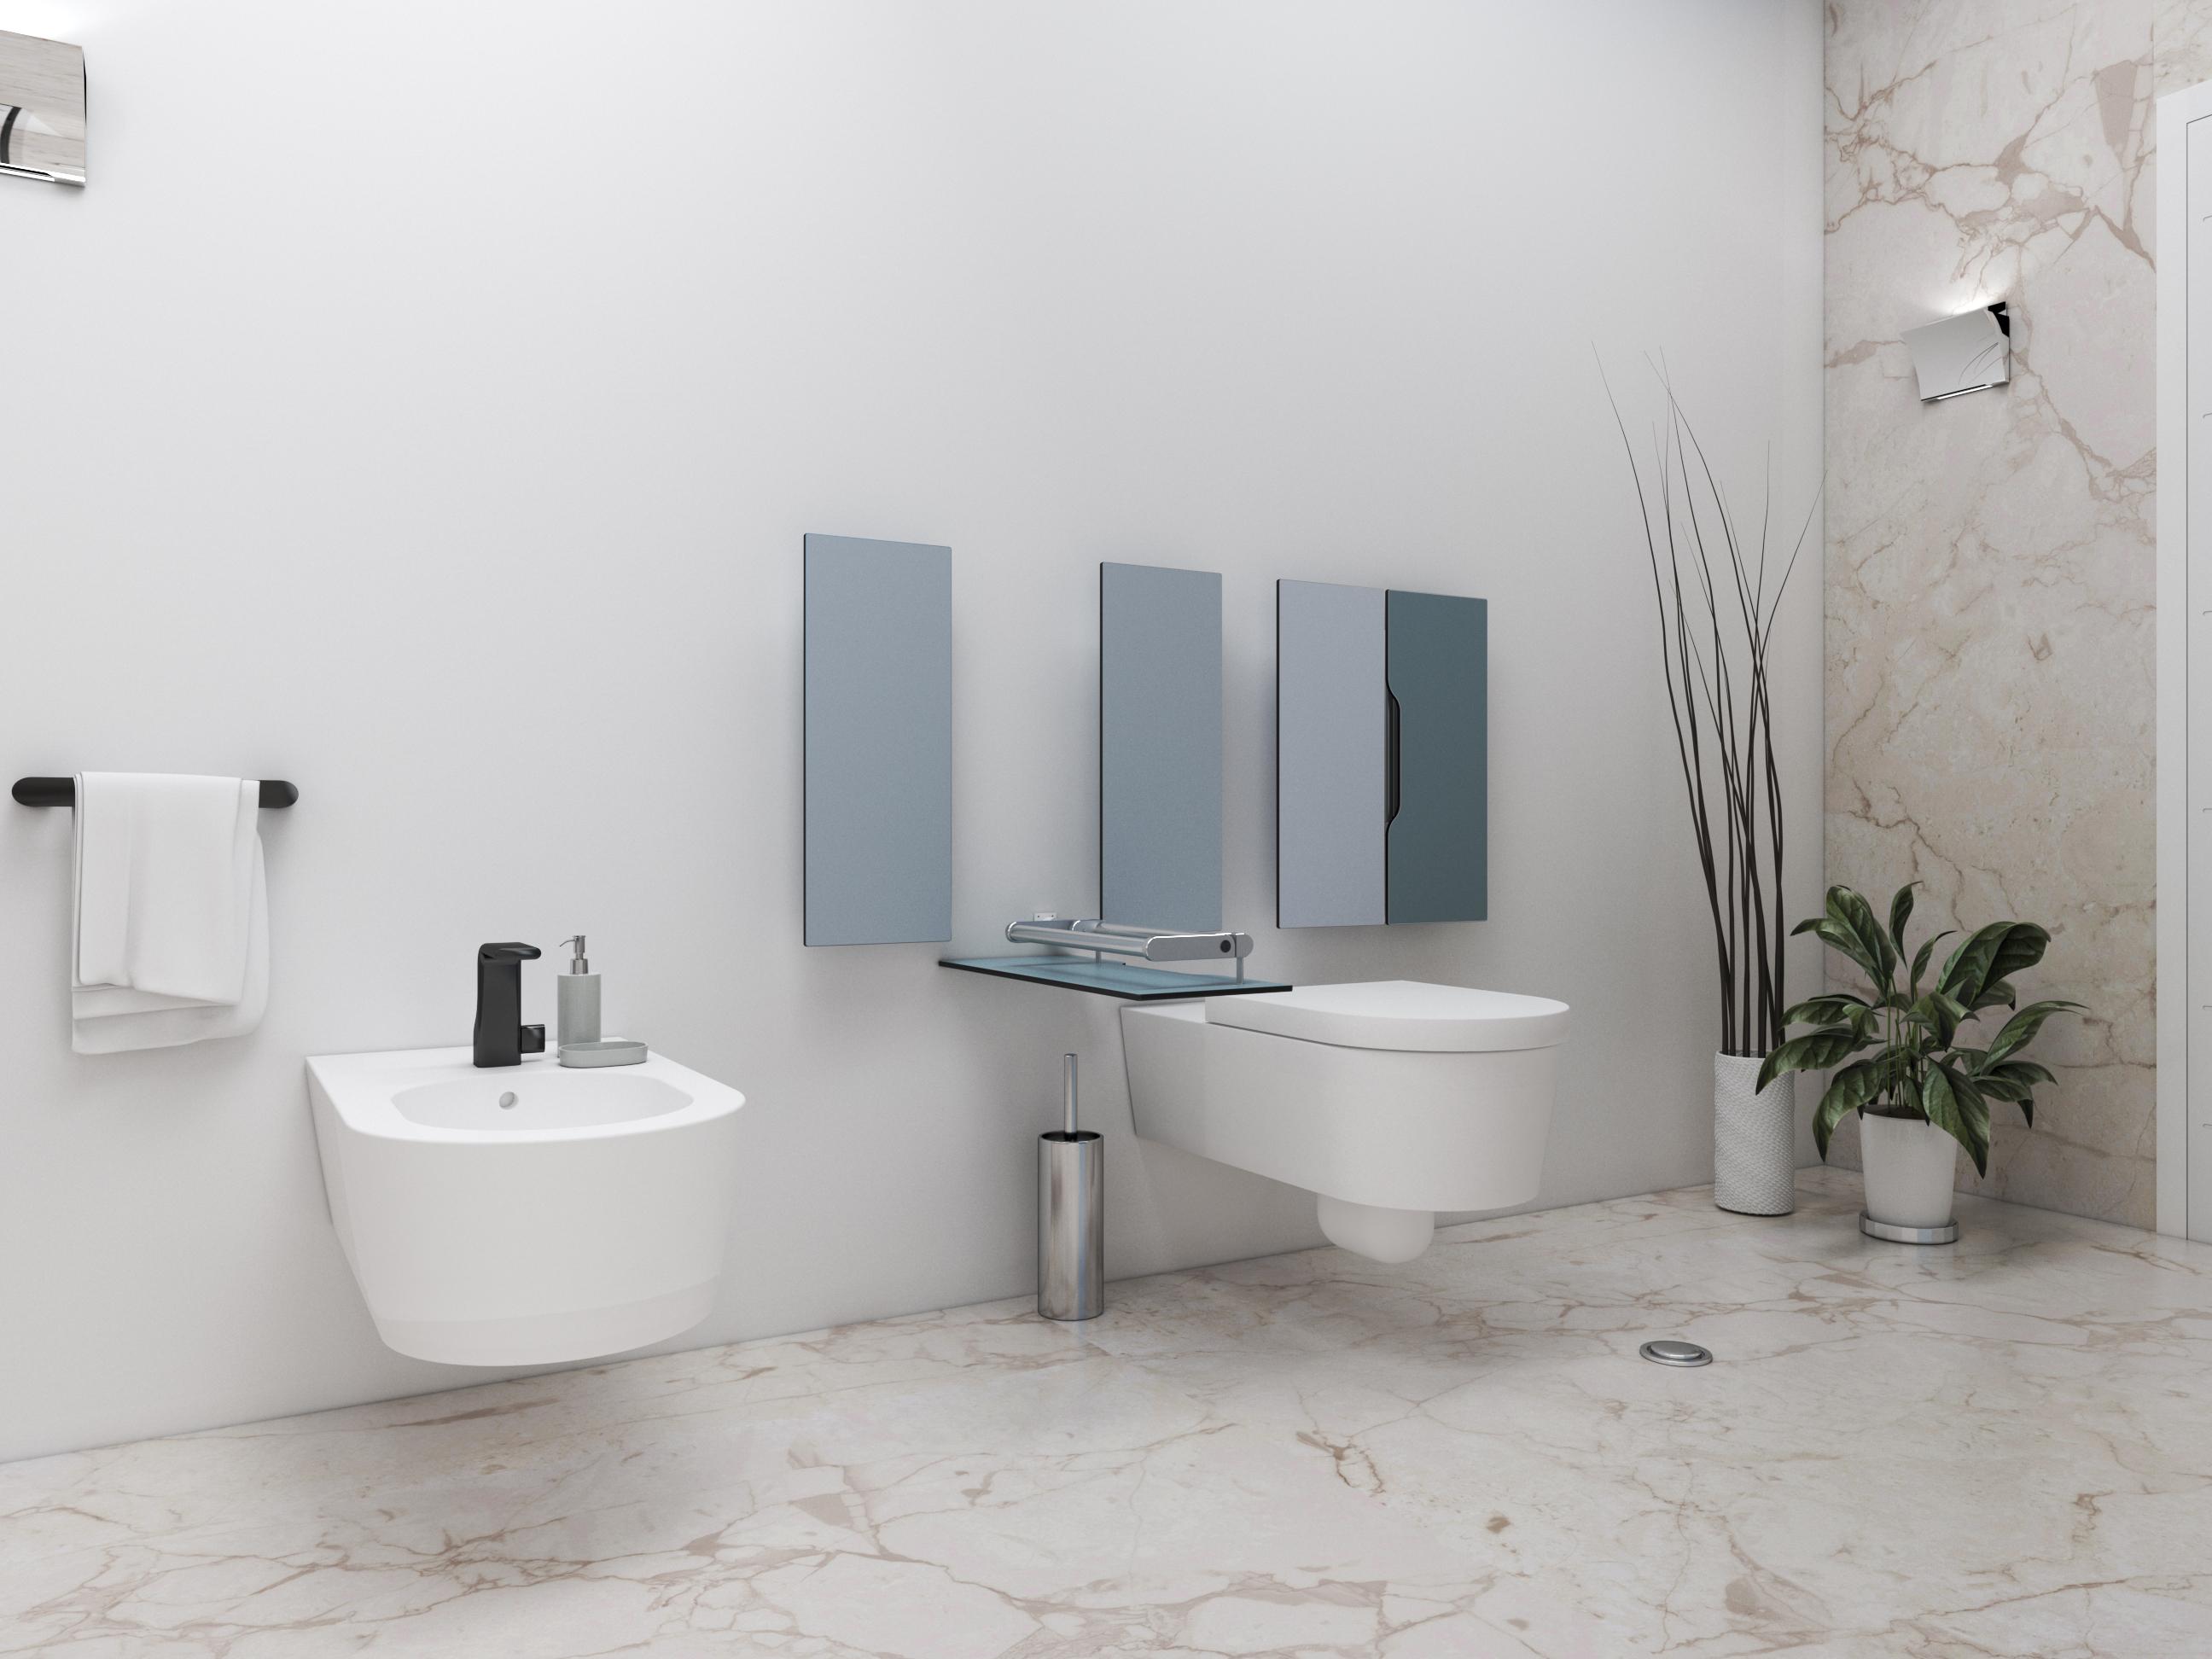 Un bagno con il sistema a scomparsa Ivy Collection